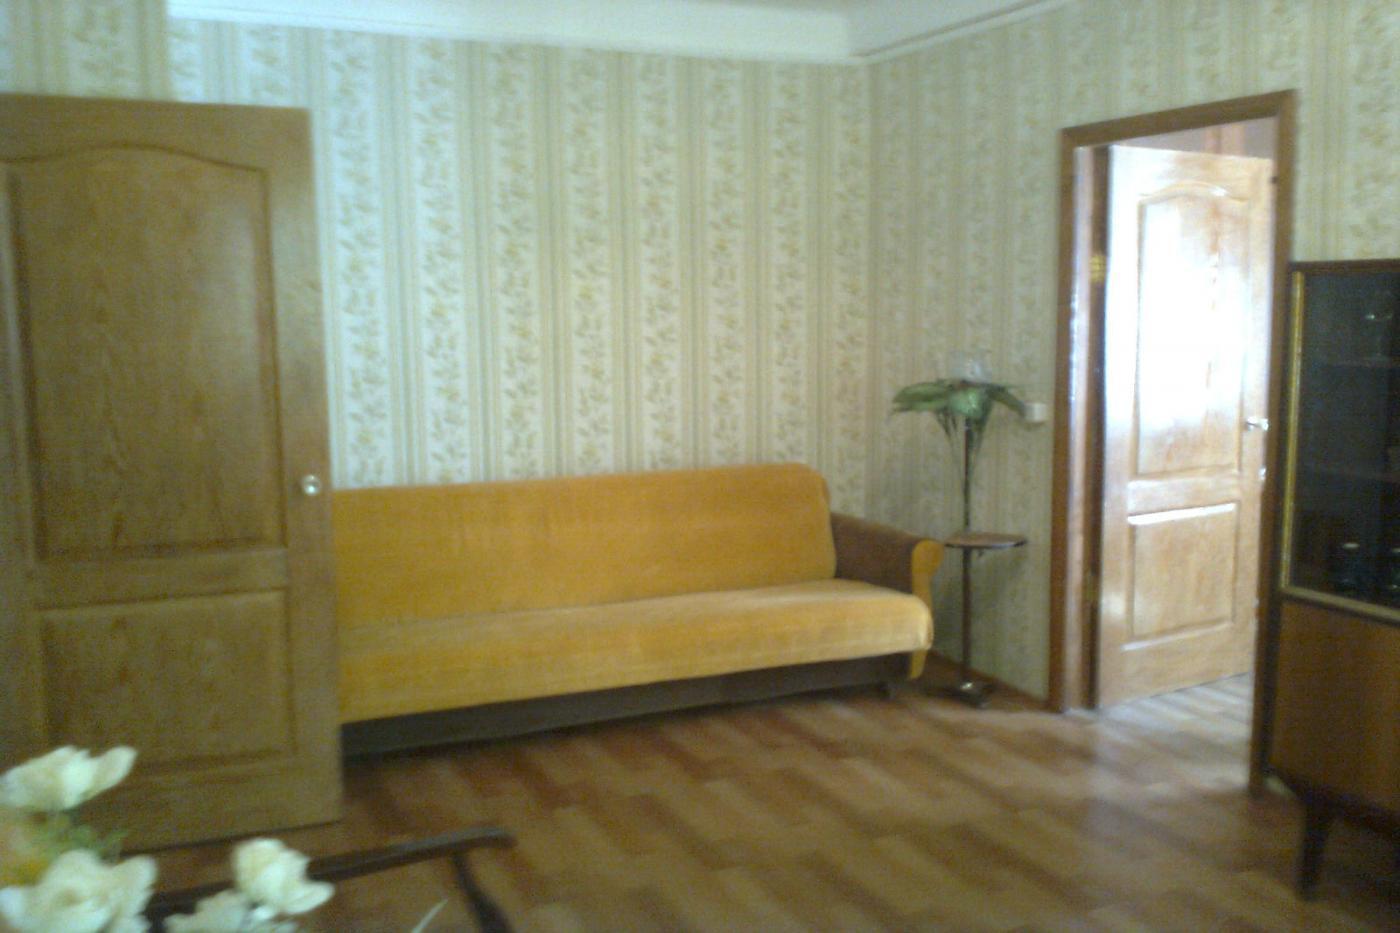 2-комнатная квартира посуточно (вариант № 2427), ул. Ефремова улица, фото № 5